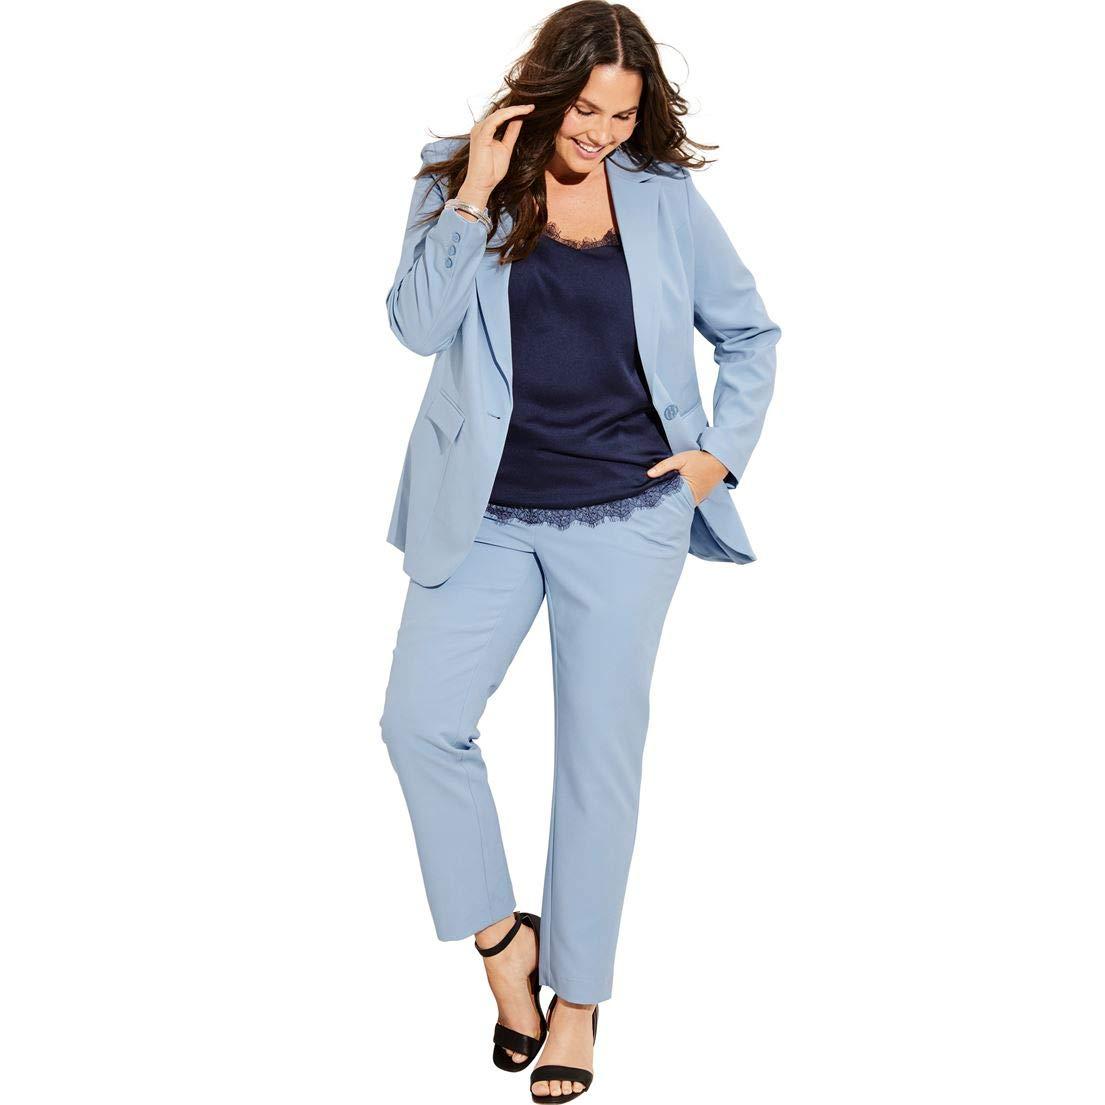 Roamans Women's Plus Size Straight-Leg Pantsuit with Blazer - Pale Blue, 20 W